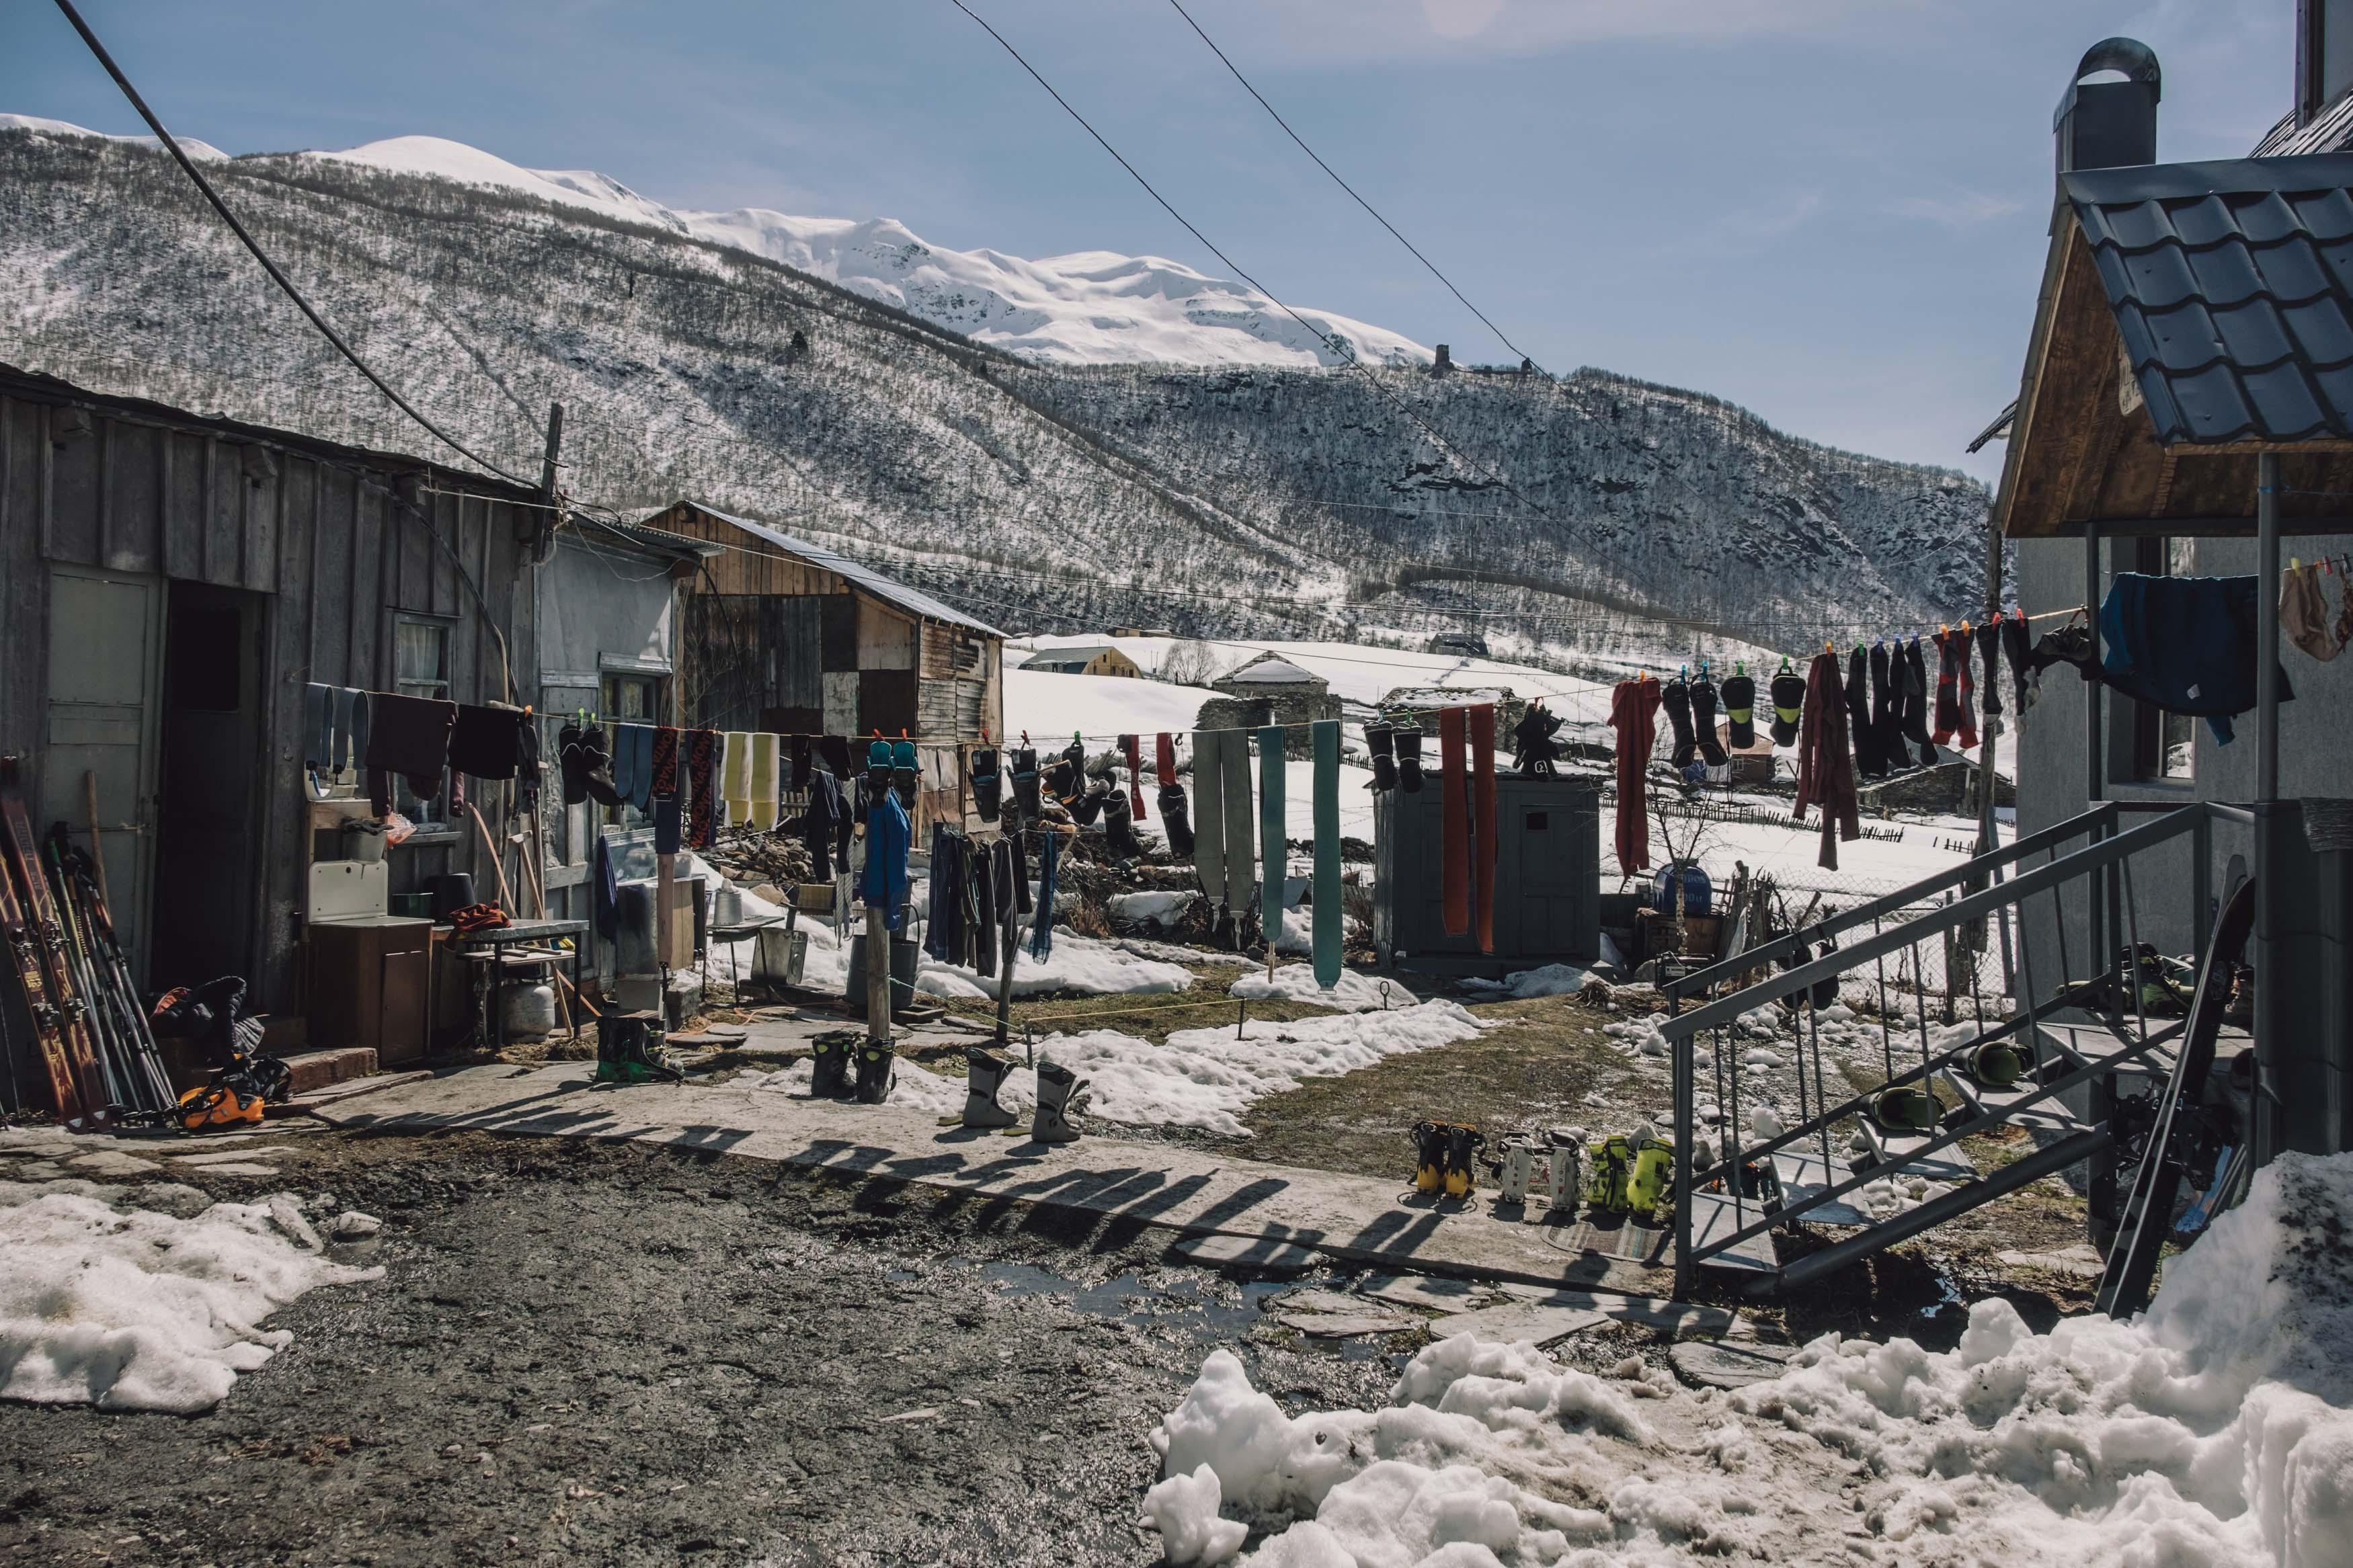 Ushguli Ski